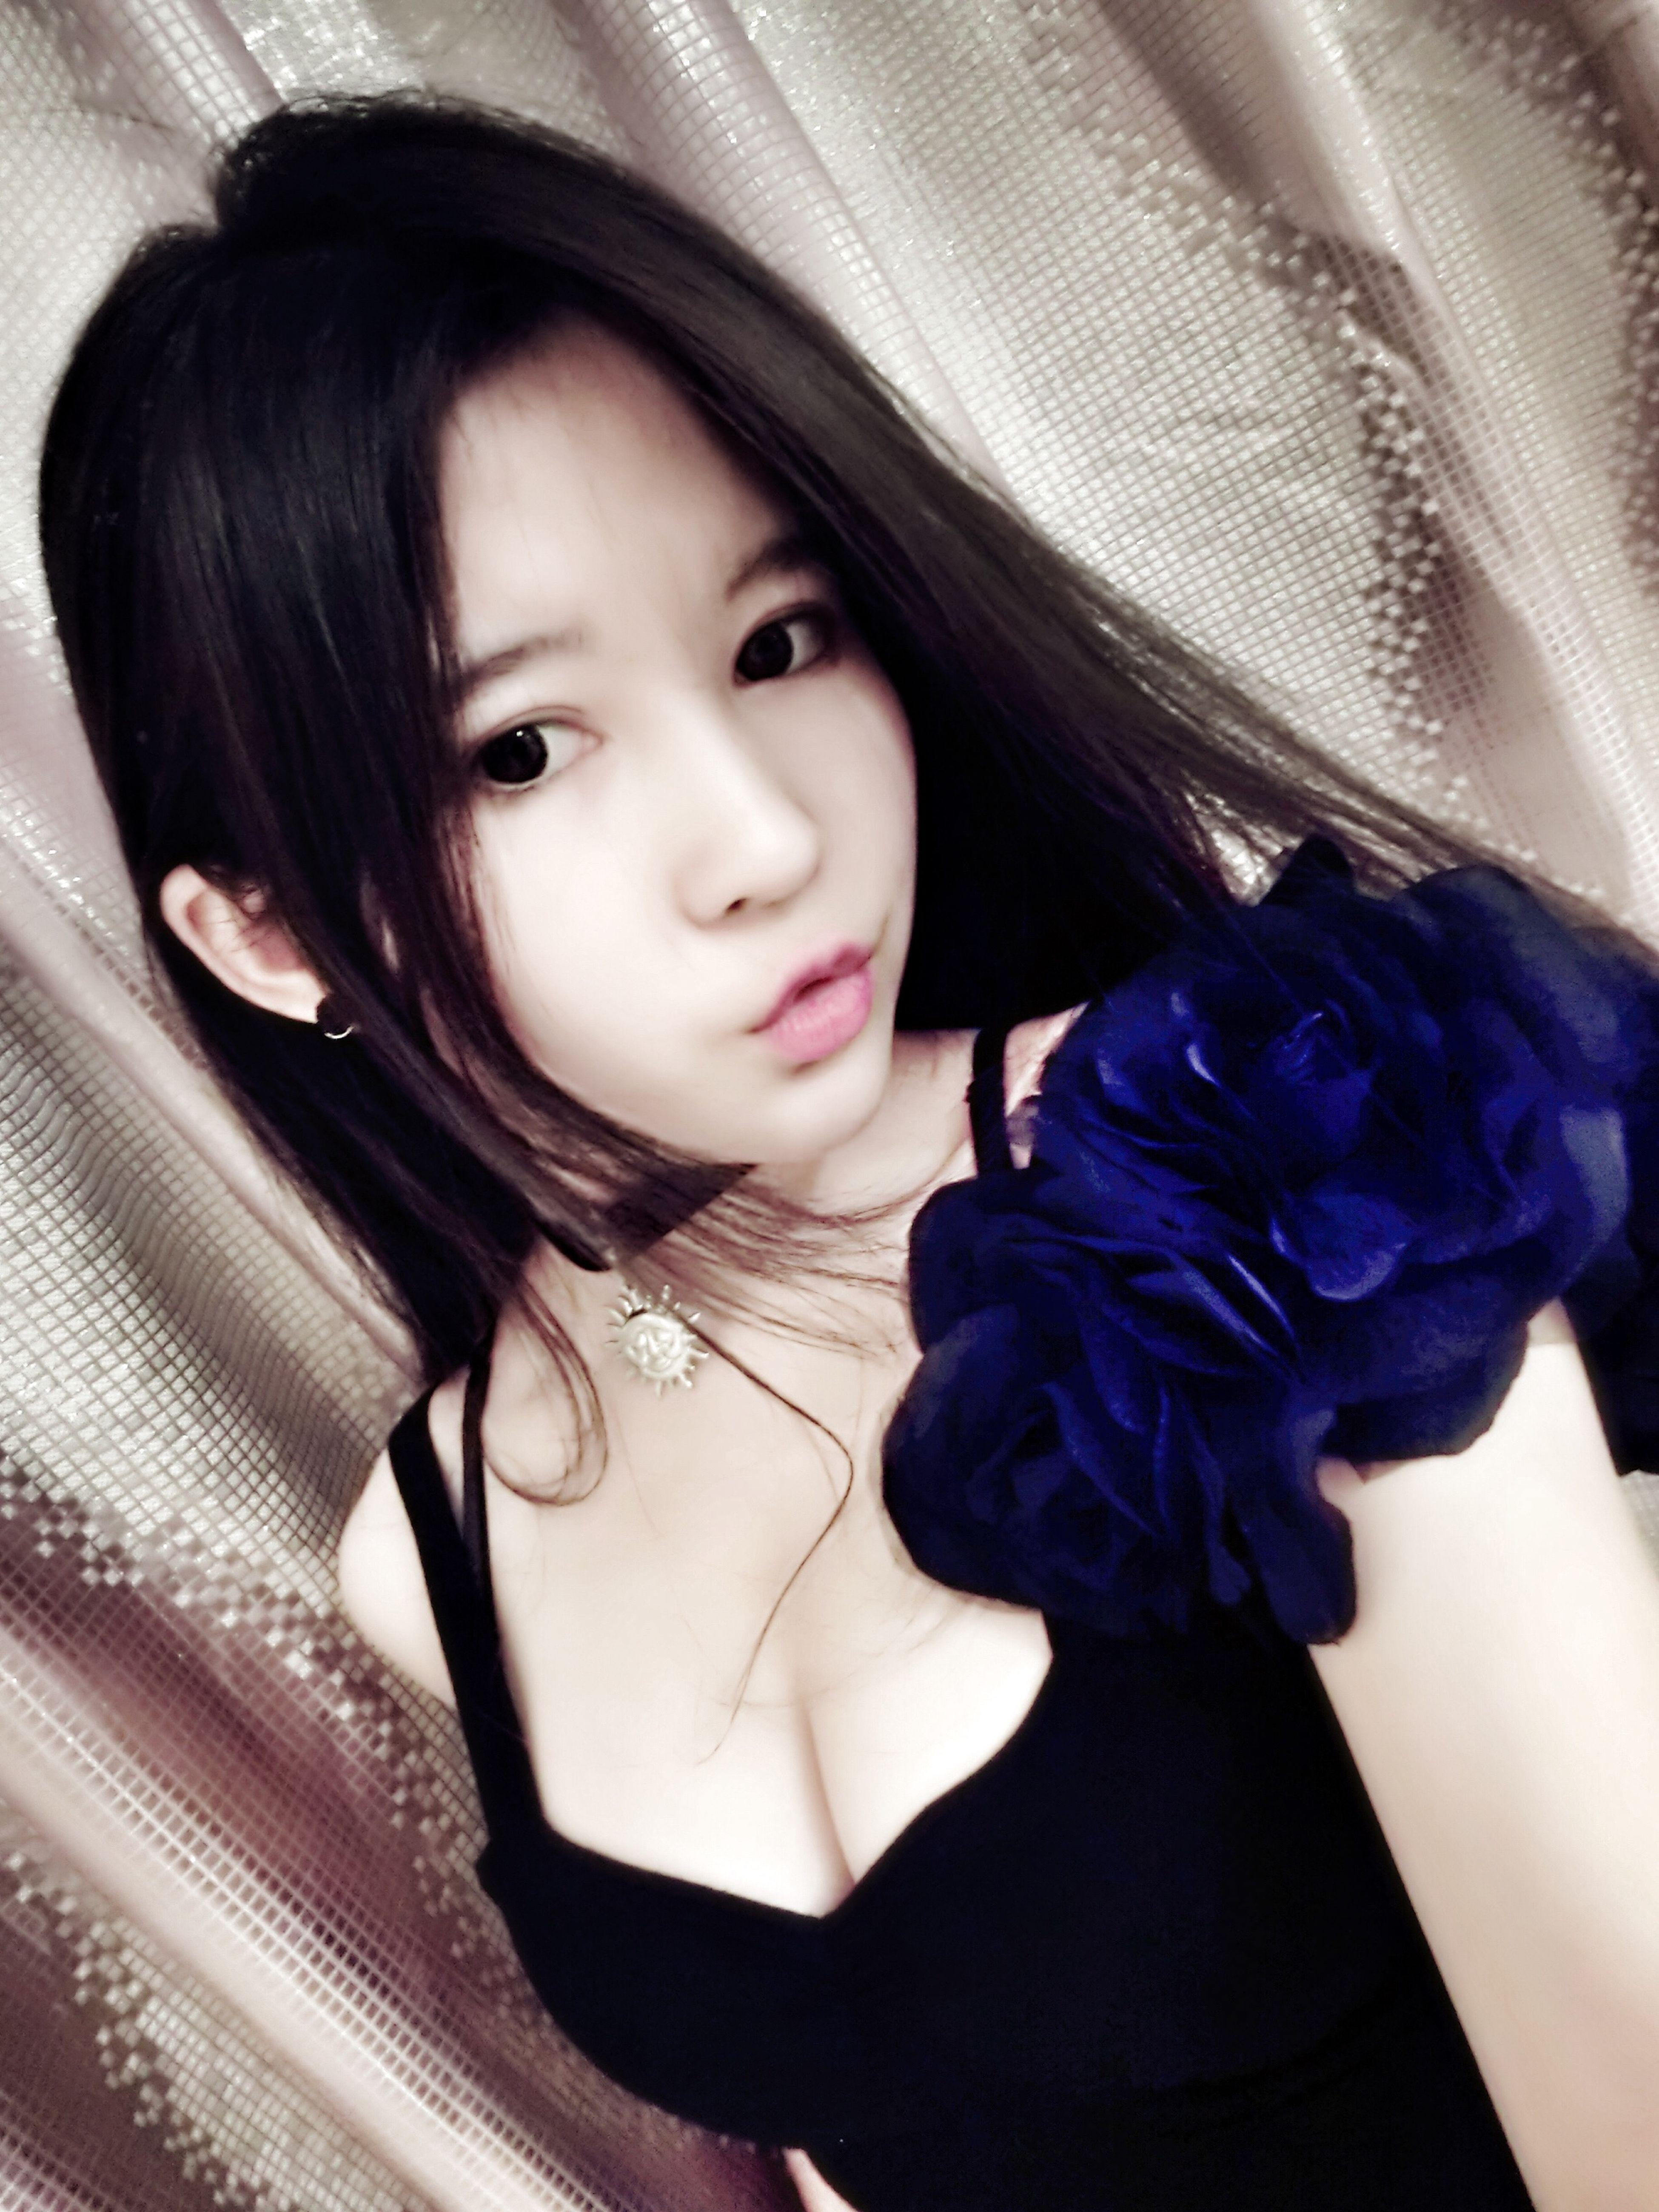 Black Rose That's Me Feeling Bule